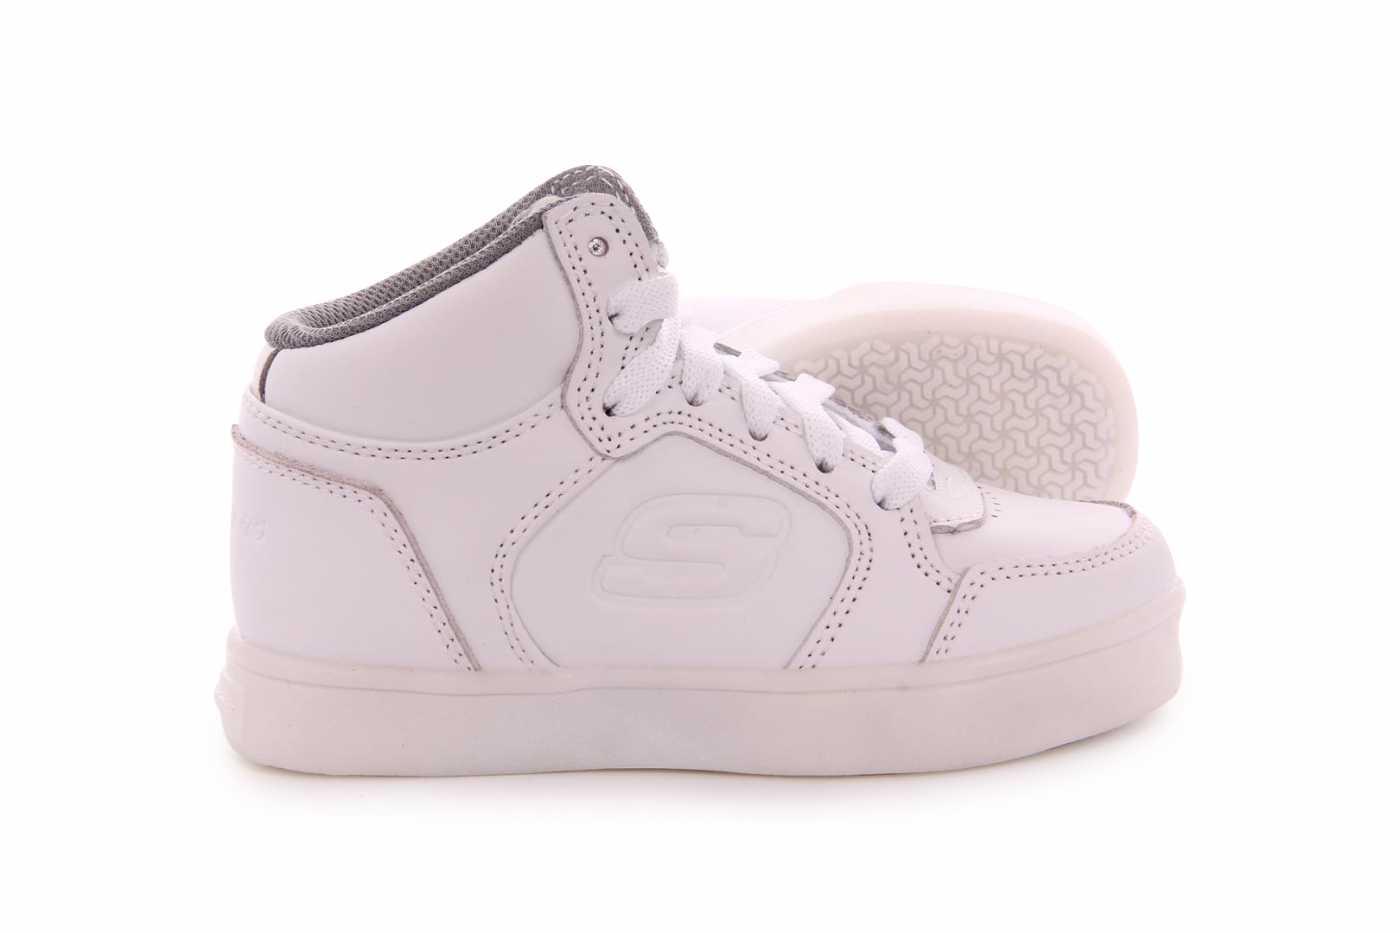 fe3483f98 Comprar zapato tipo JOVEN NIÑO estilo BOTAS COLOR BLANCO PIEL | BOTA ...